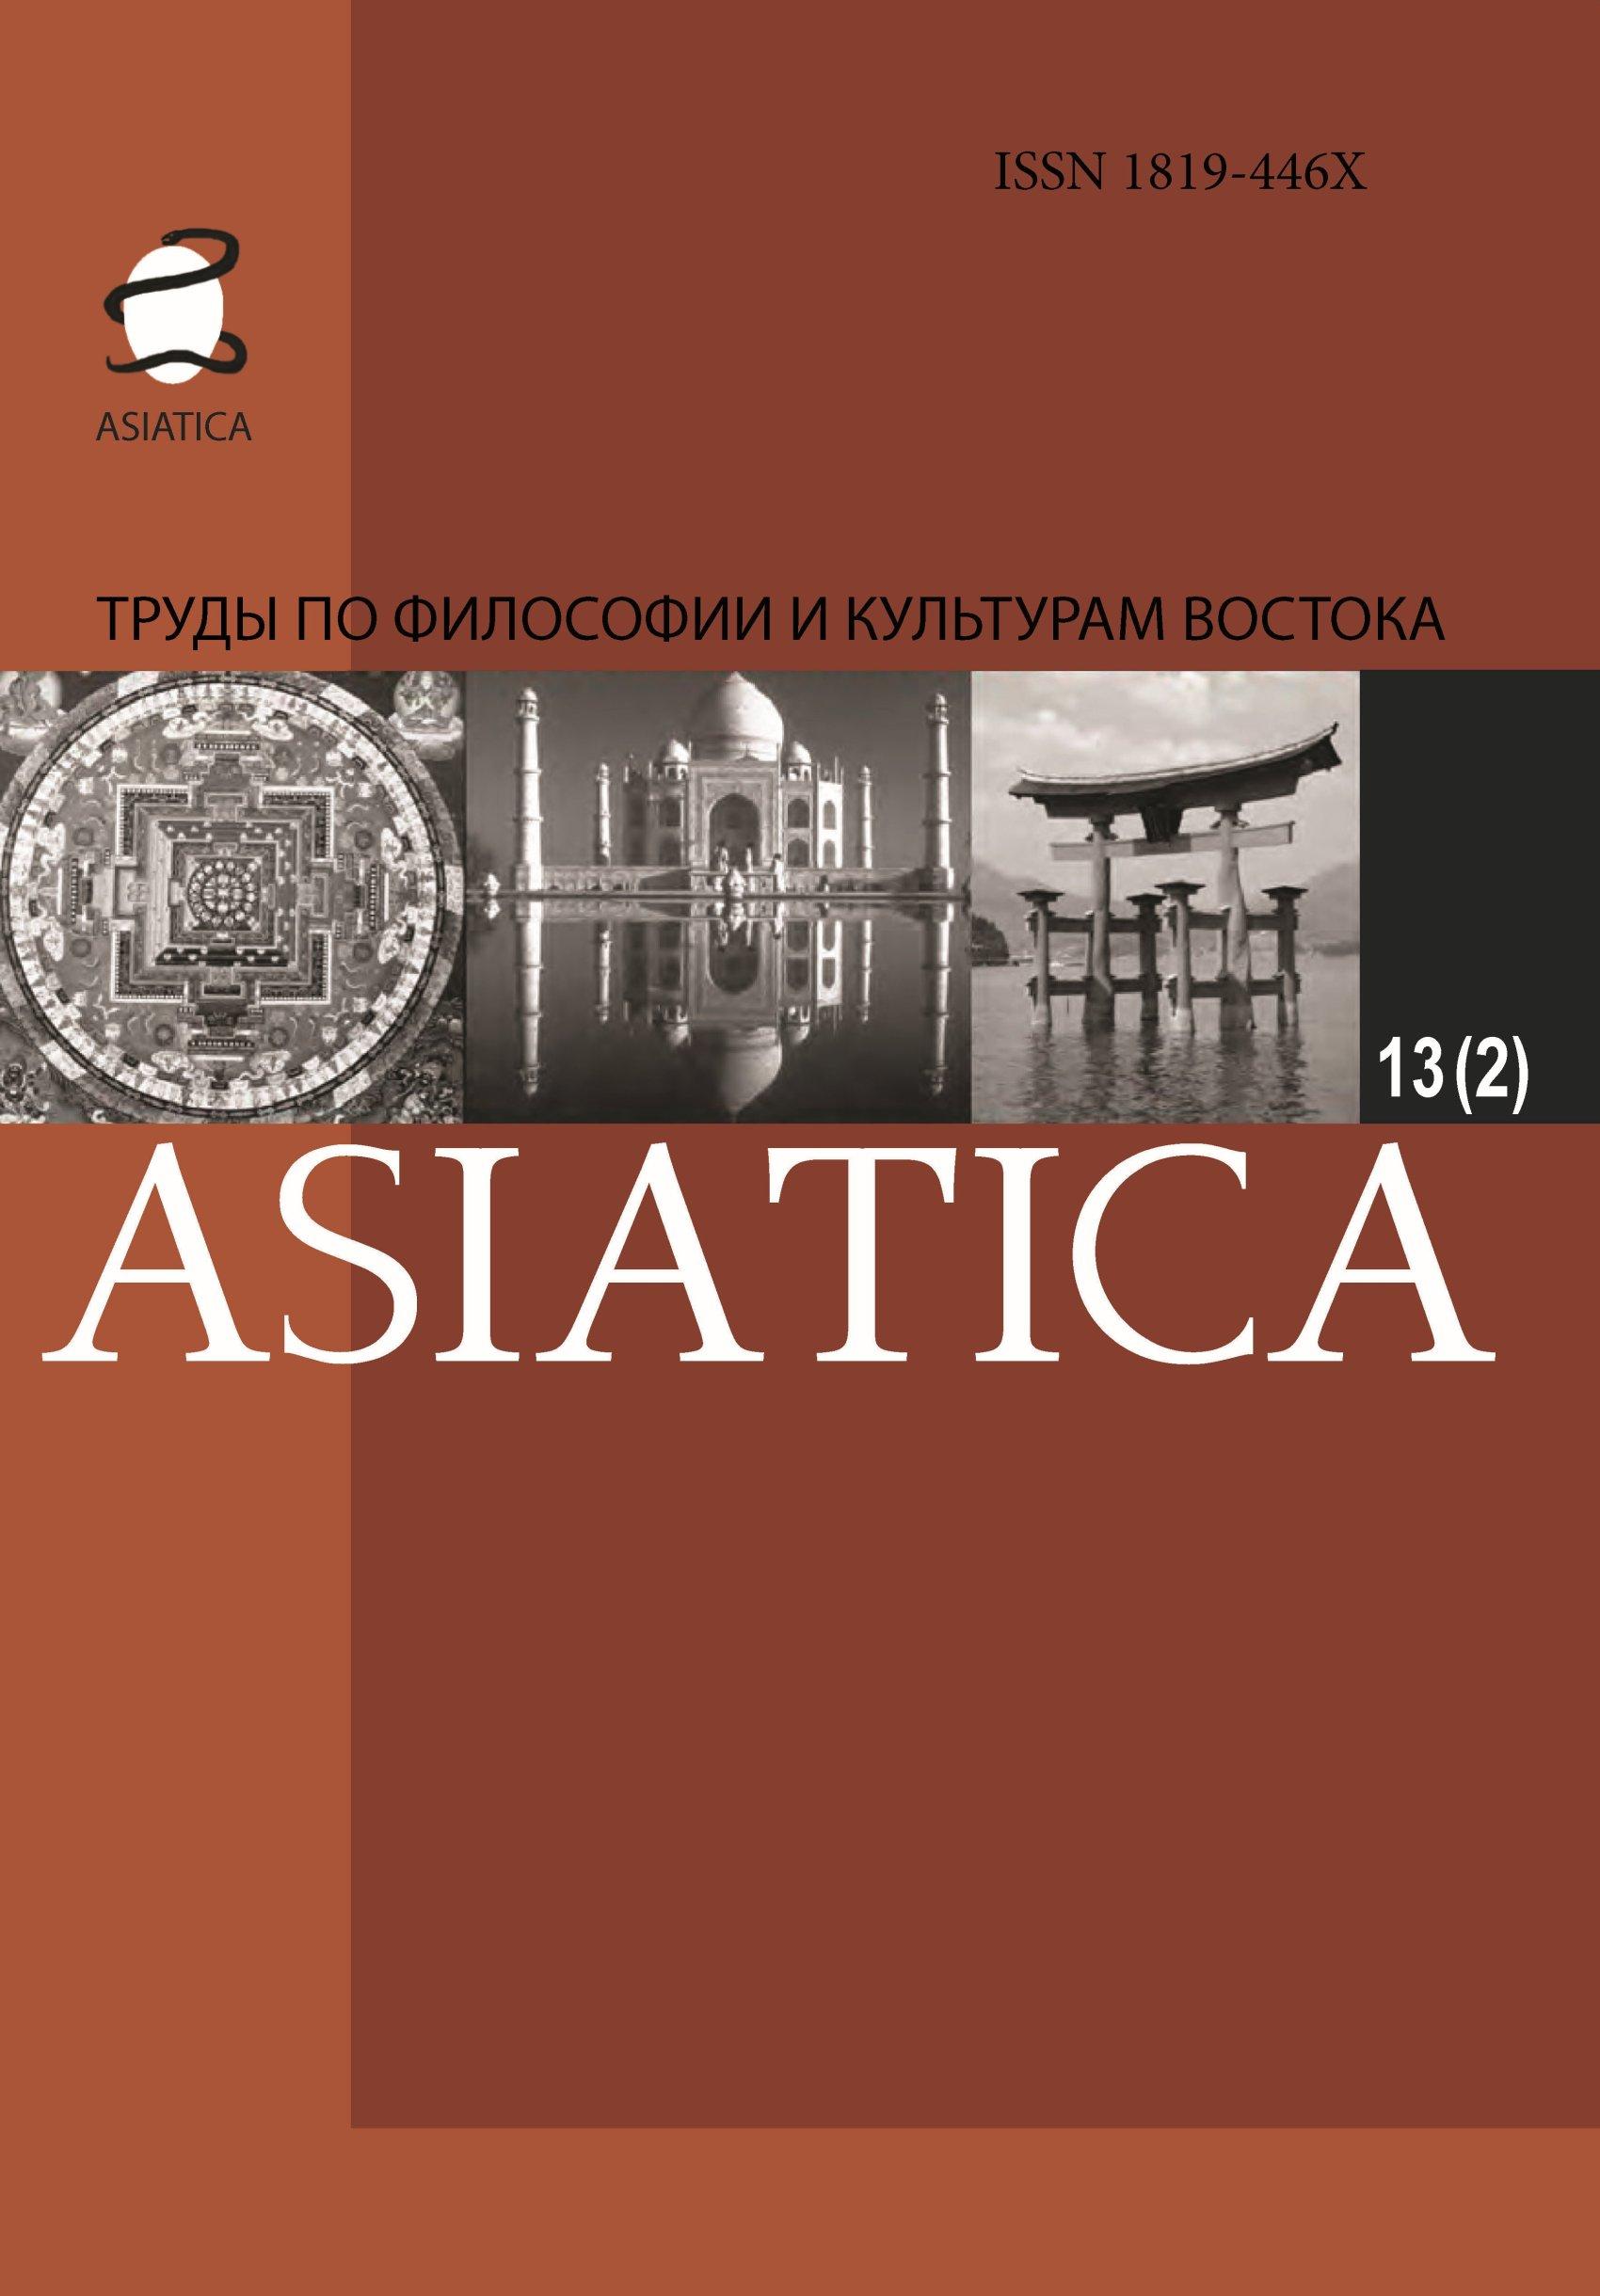 ASIATICA. Труды по философии и культурам Востока. Выпуск 13(2)